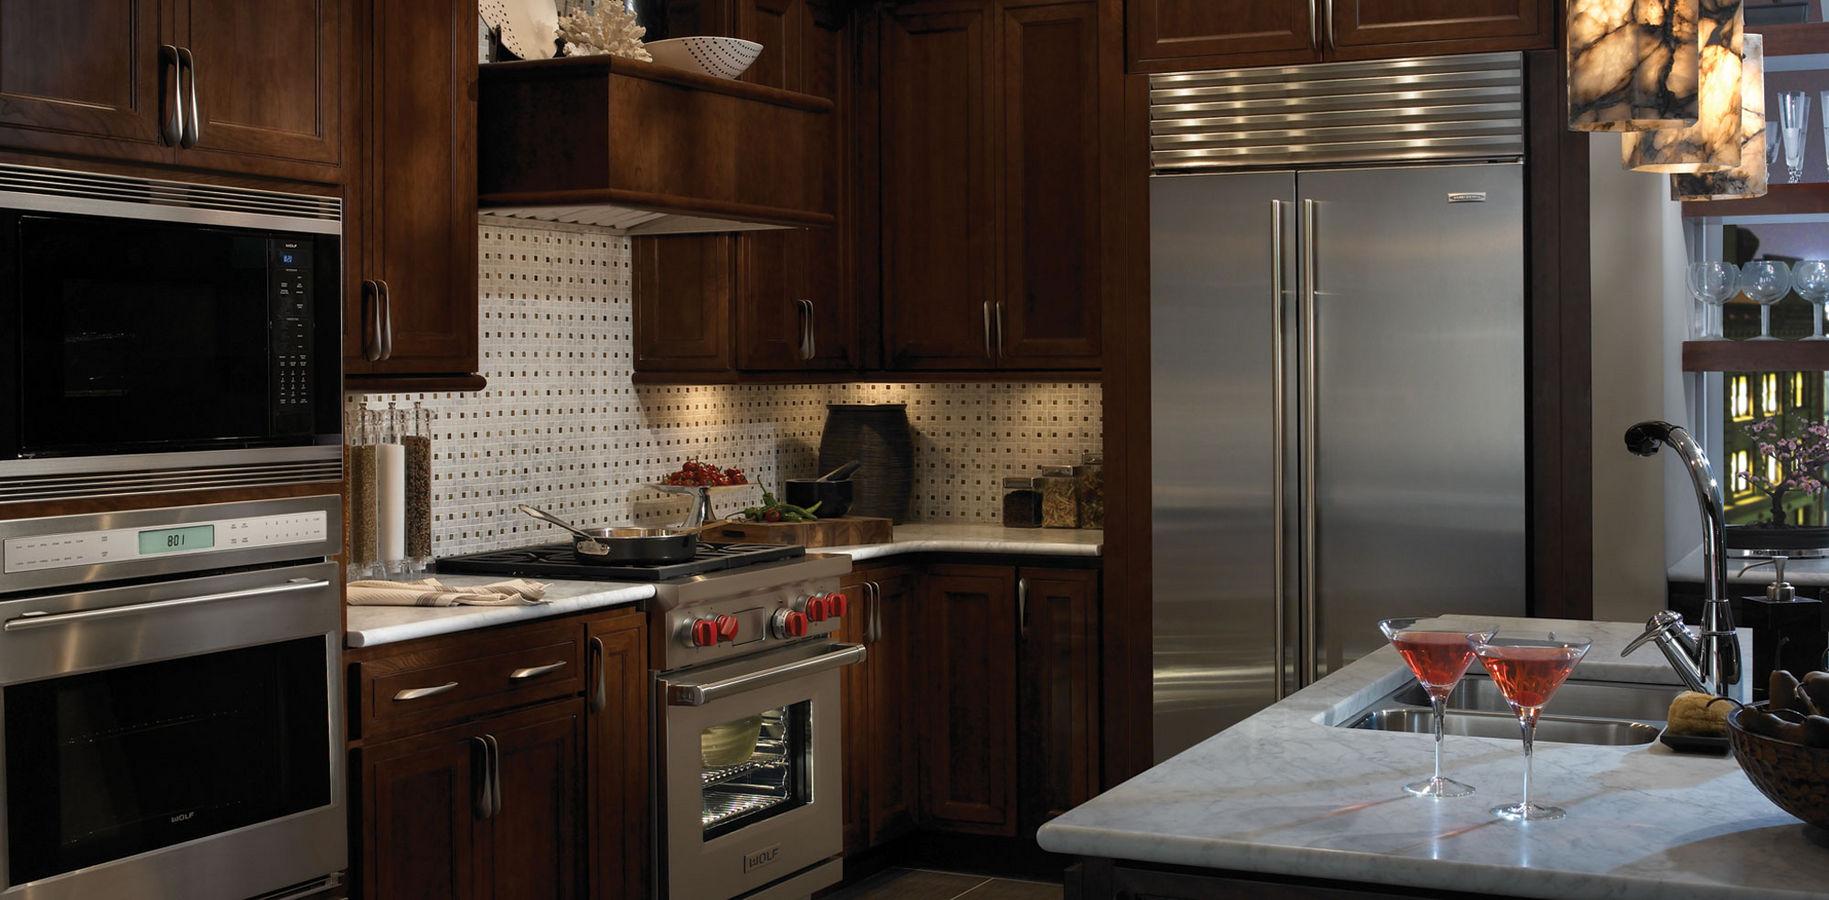 Двухдверный холодильник, встроенный в корпусную мебель